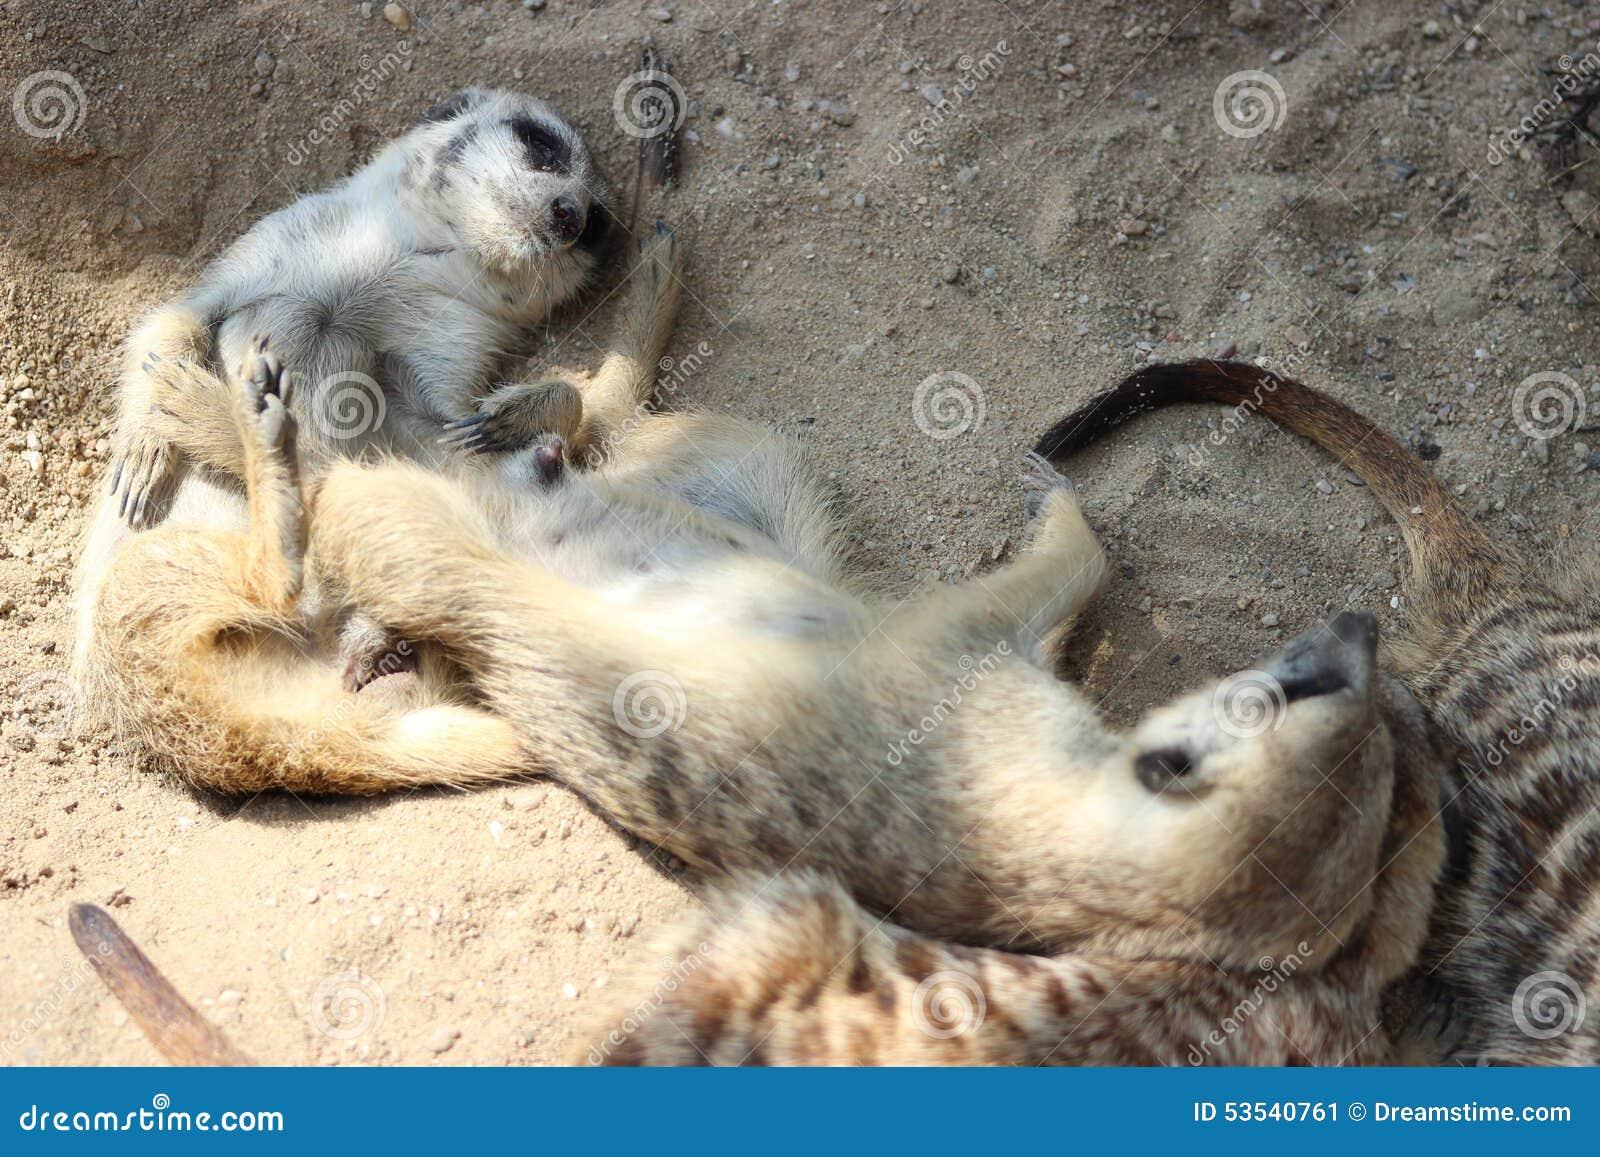 Suricates (Meerkats)